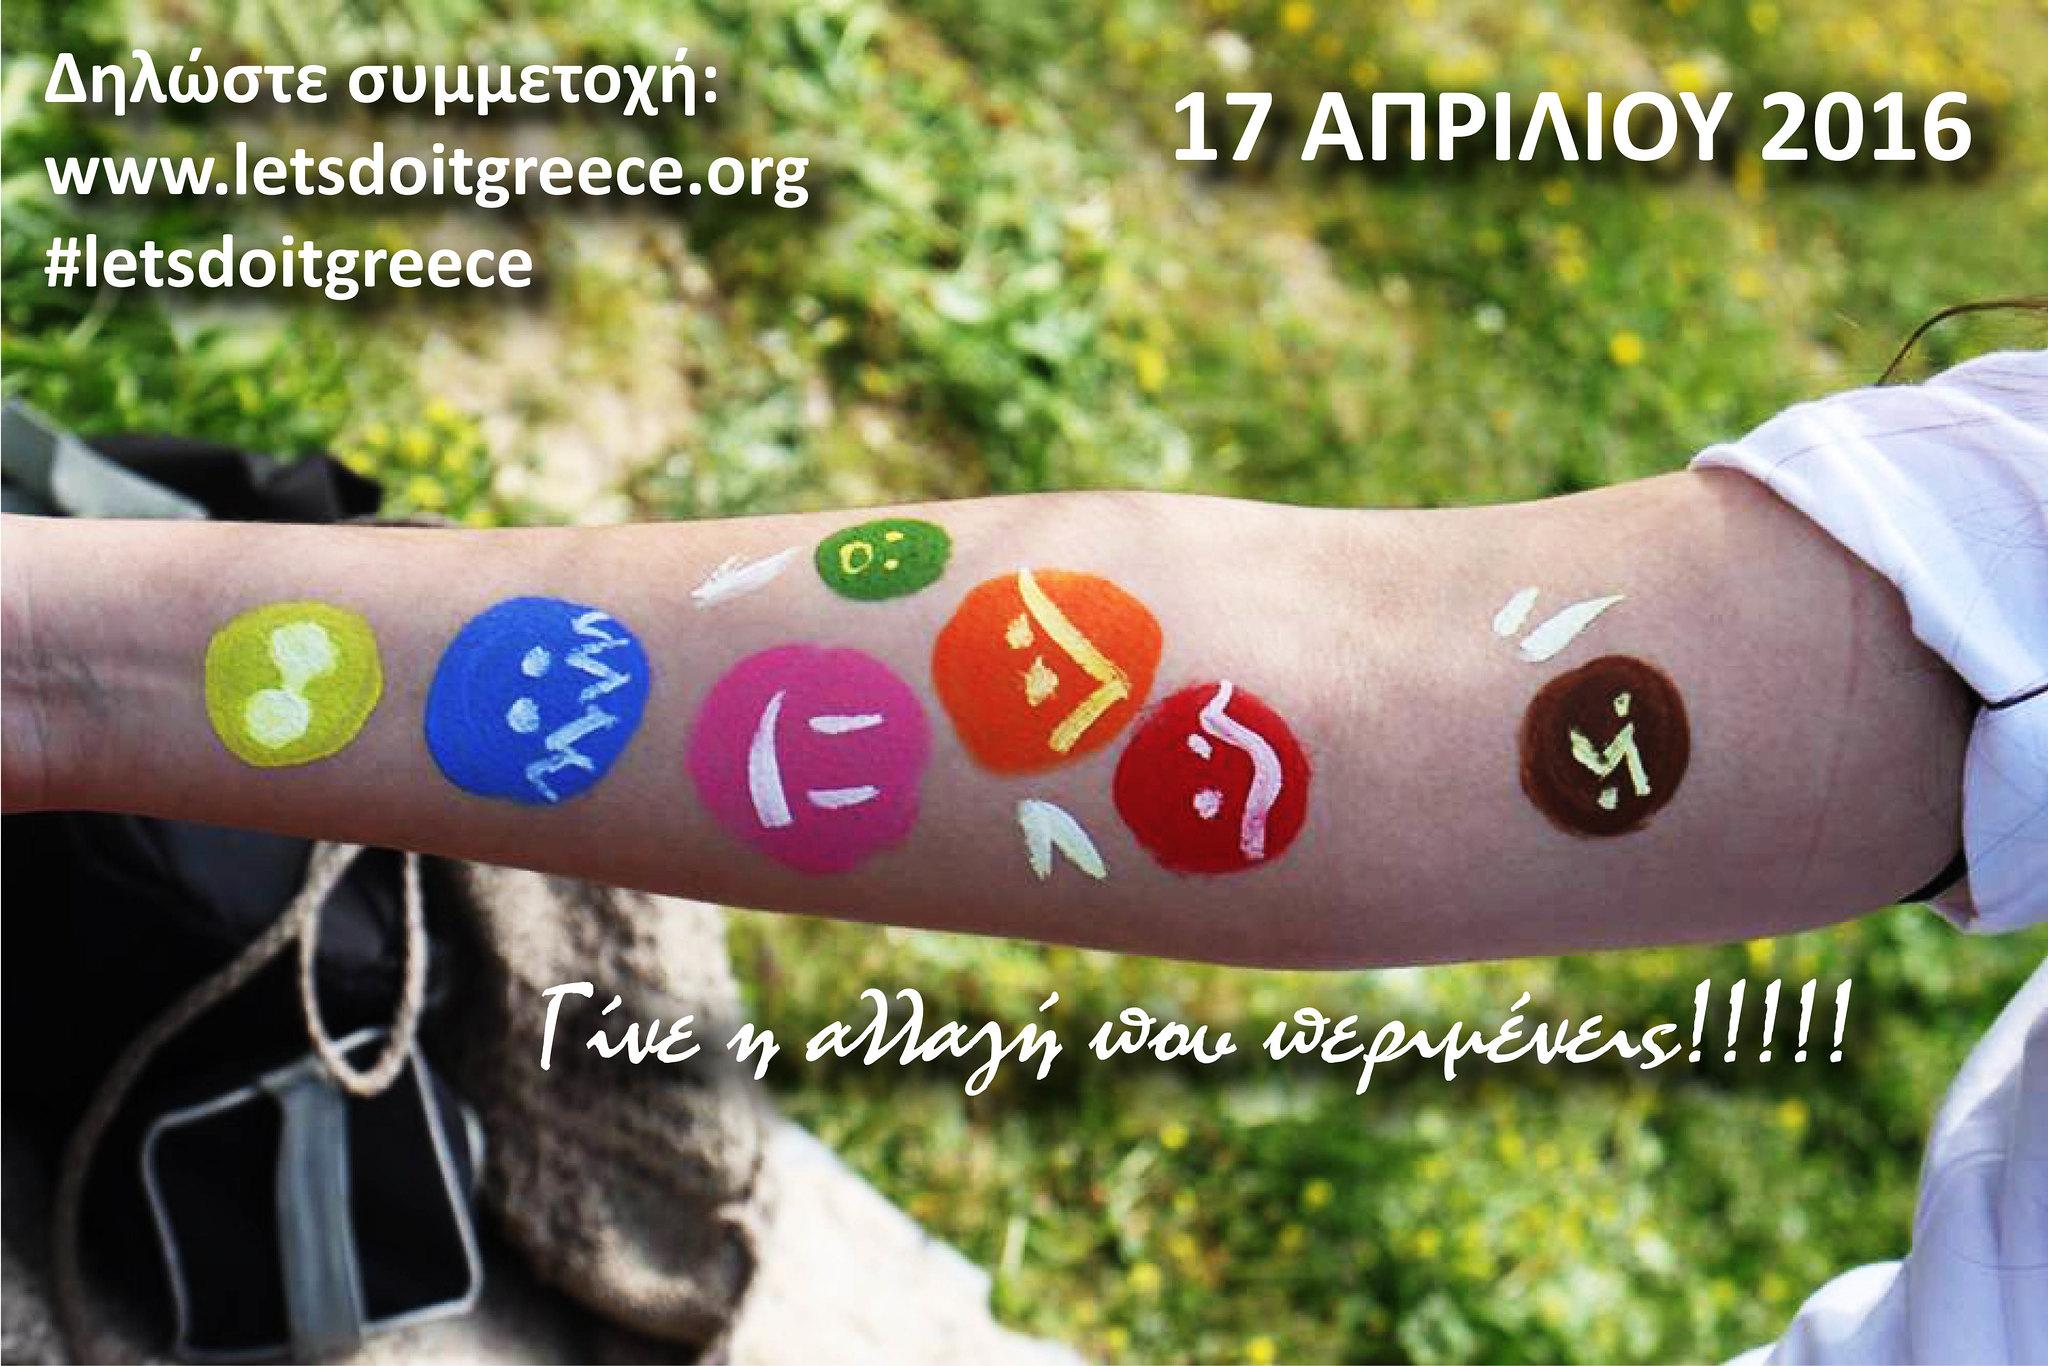 """1ο Δημοτικό Σχολείο Ηγουμενίτσας: Συμμετοχή στη δράση """"Let's do it Greece"""""""